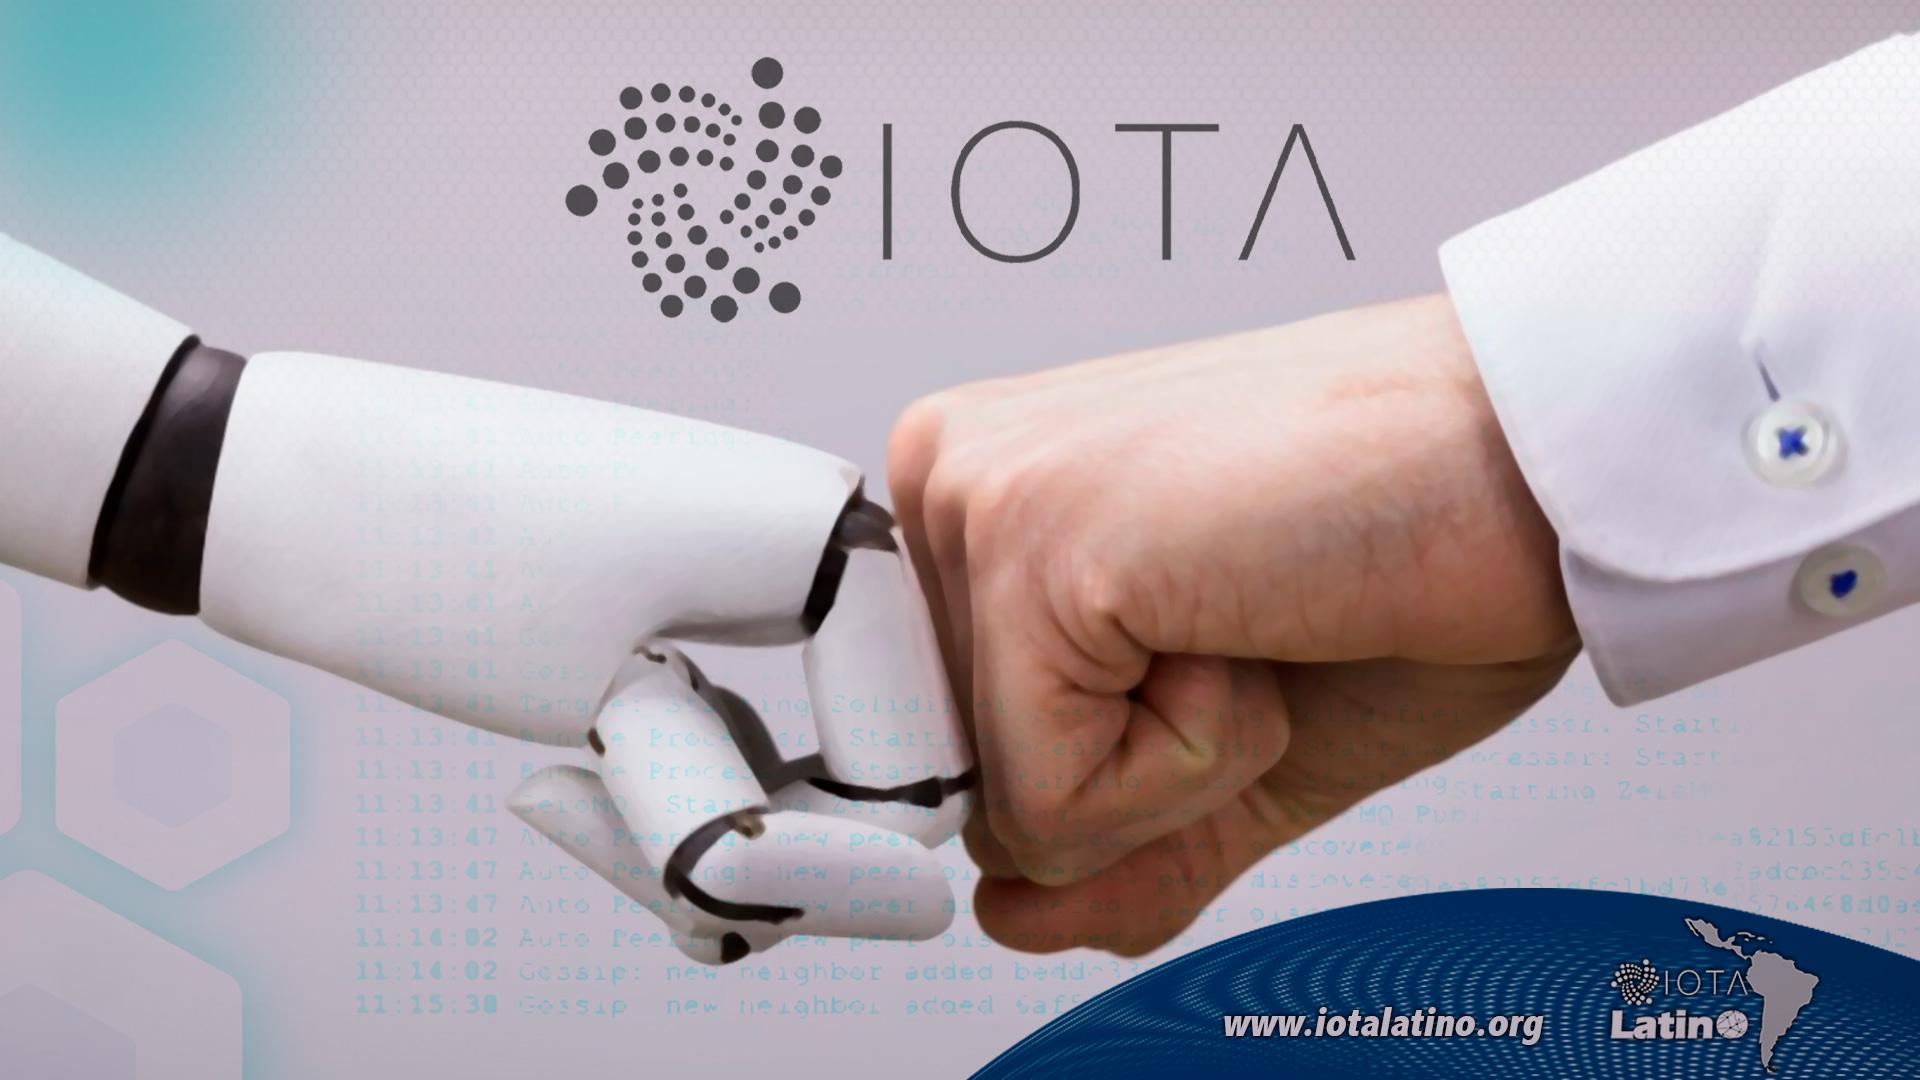 IOTA es el puente entre la sociedad digital y la física - IOTA Latino